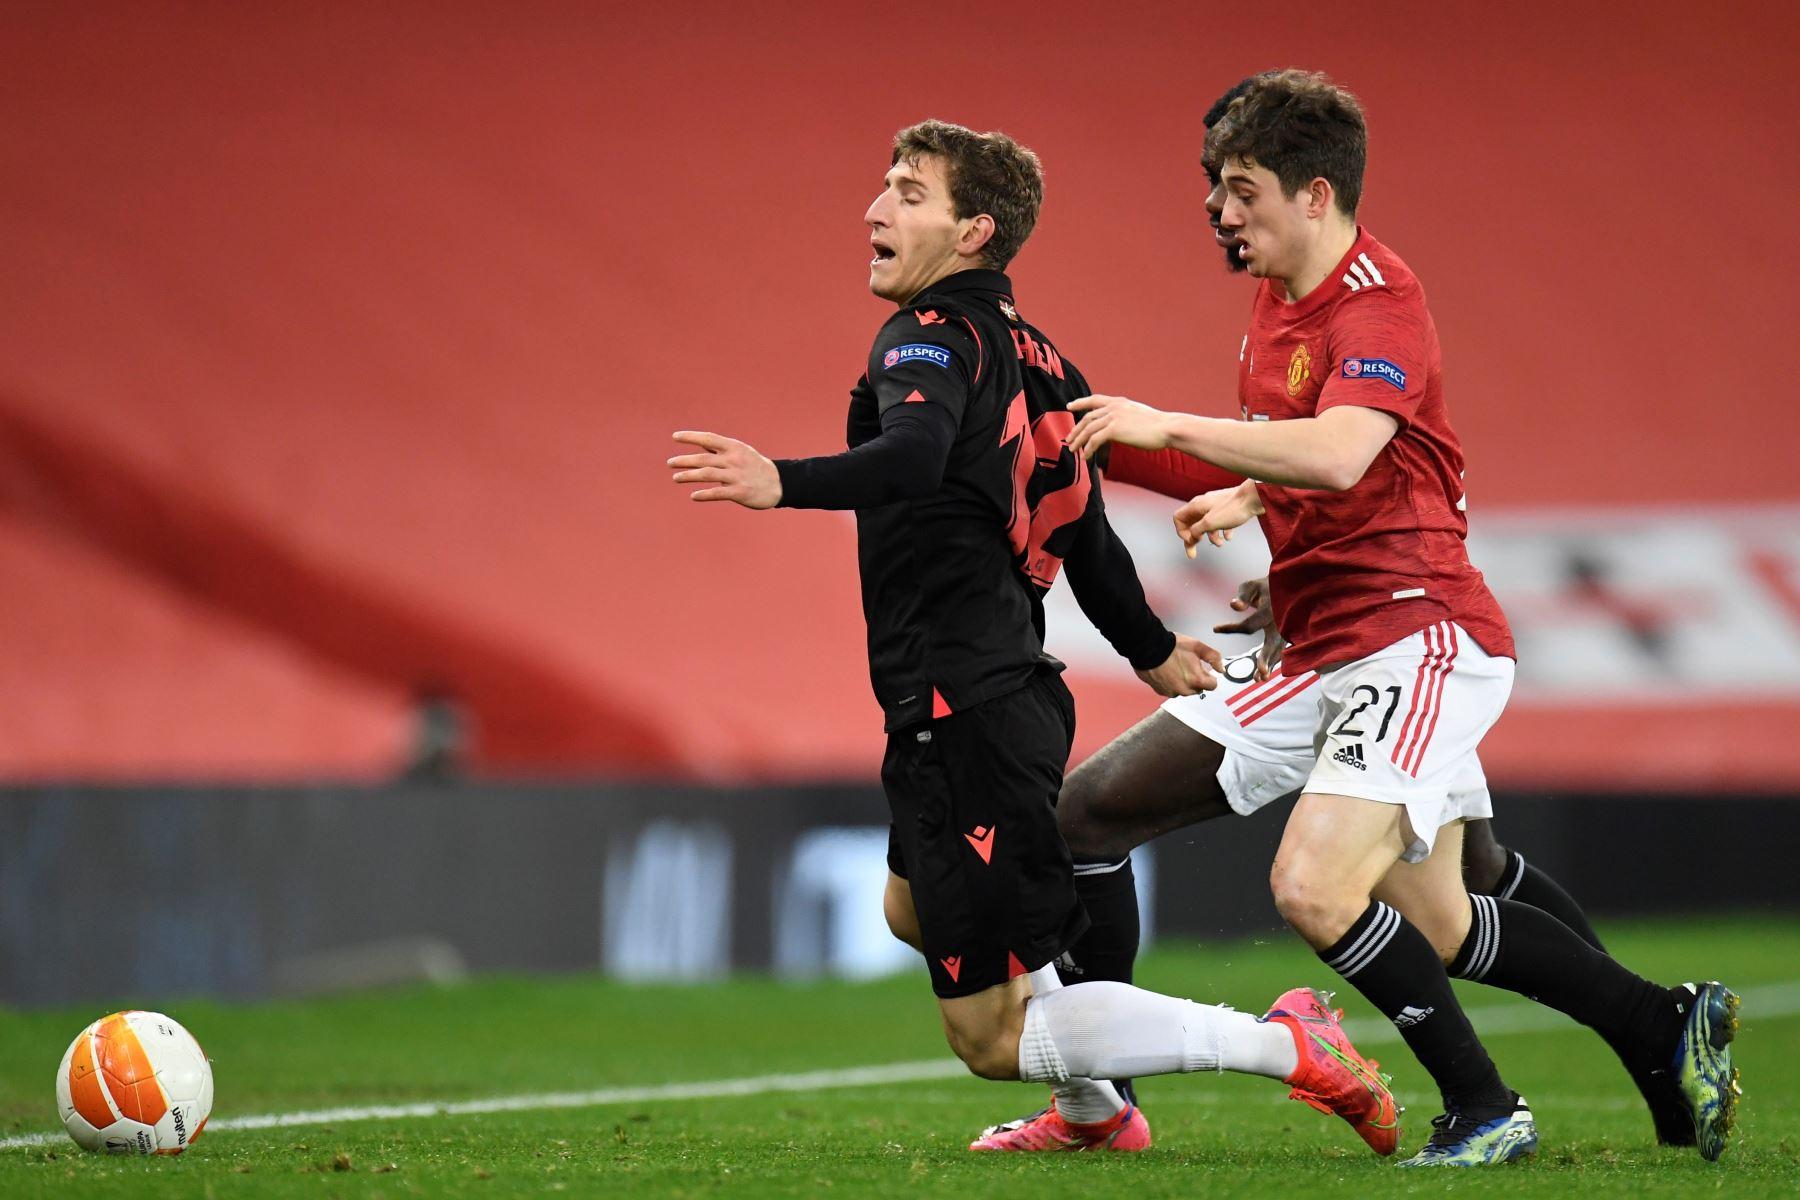 Aihen Munoz de la Real Sociedad en acción contra Daniel James del Manchester United durante los dieciseisavos de final de la UEFA Europa League. Foto: EFE